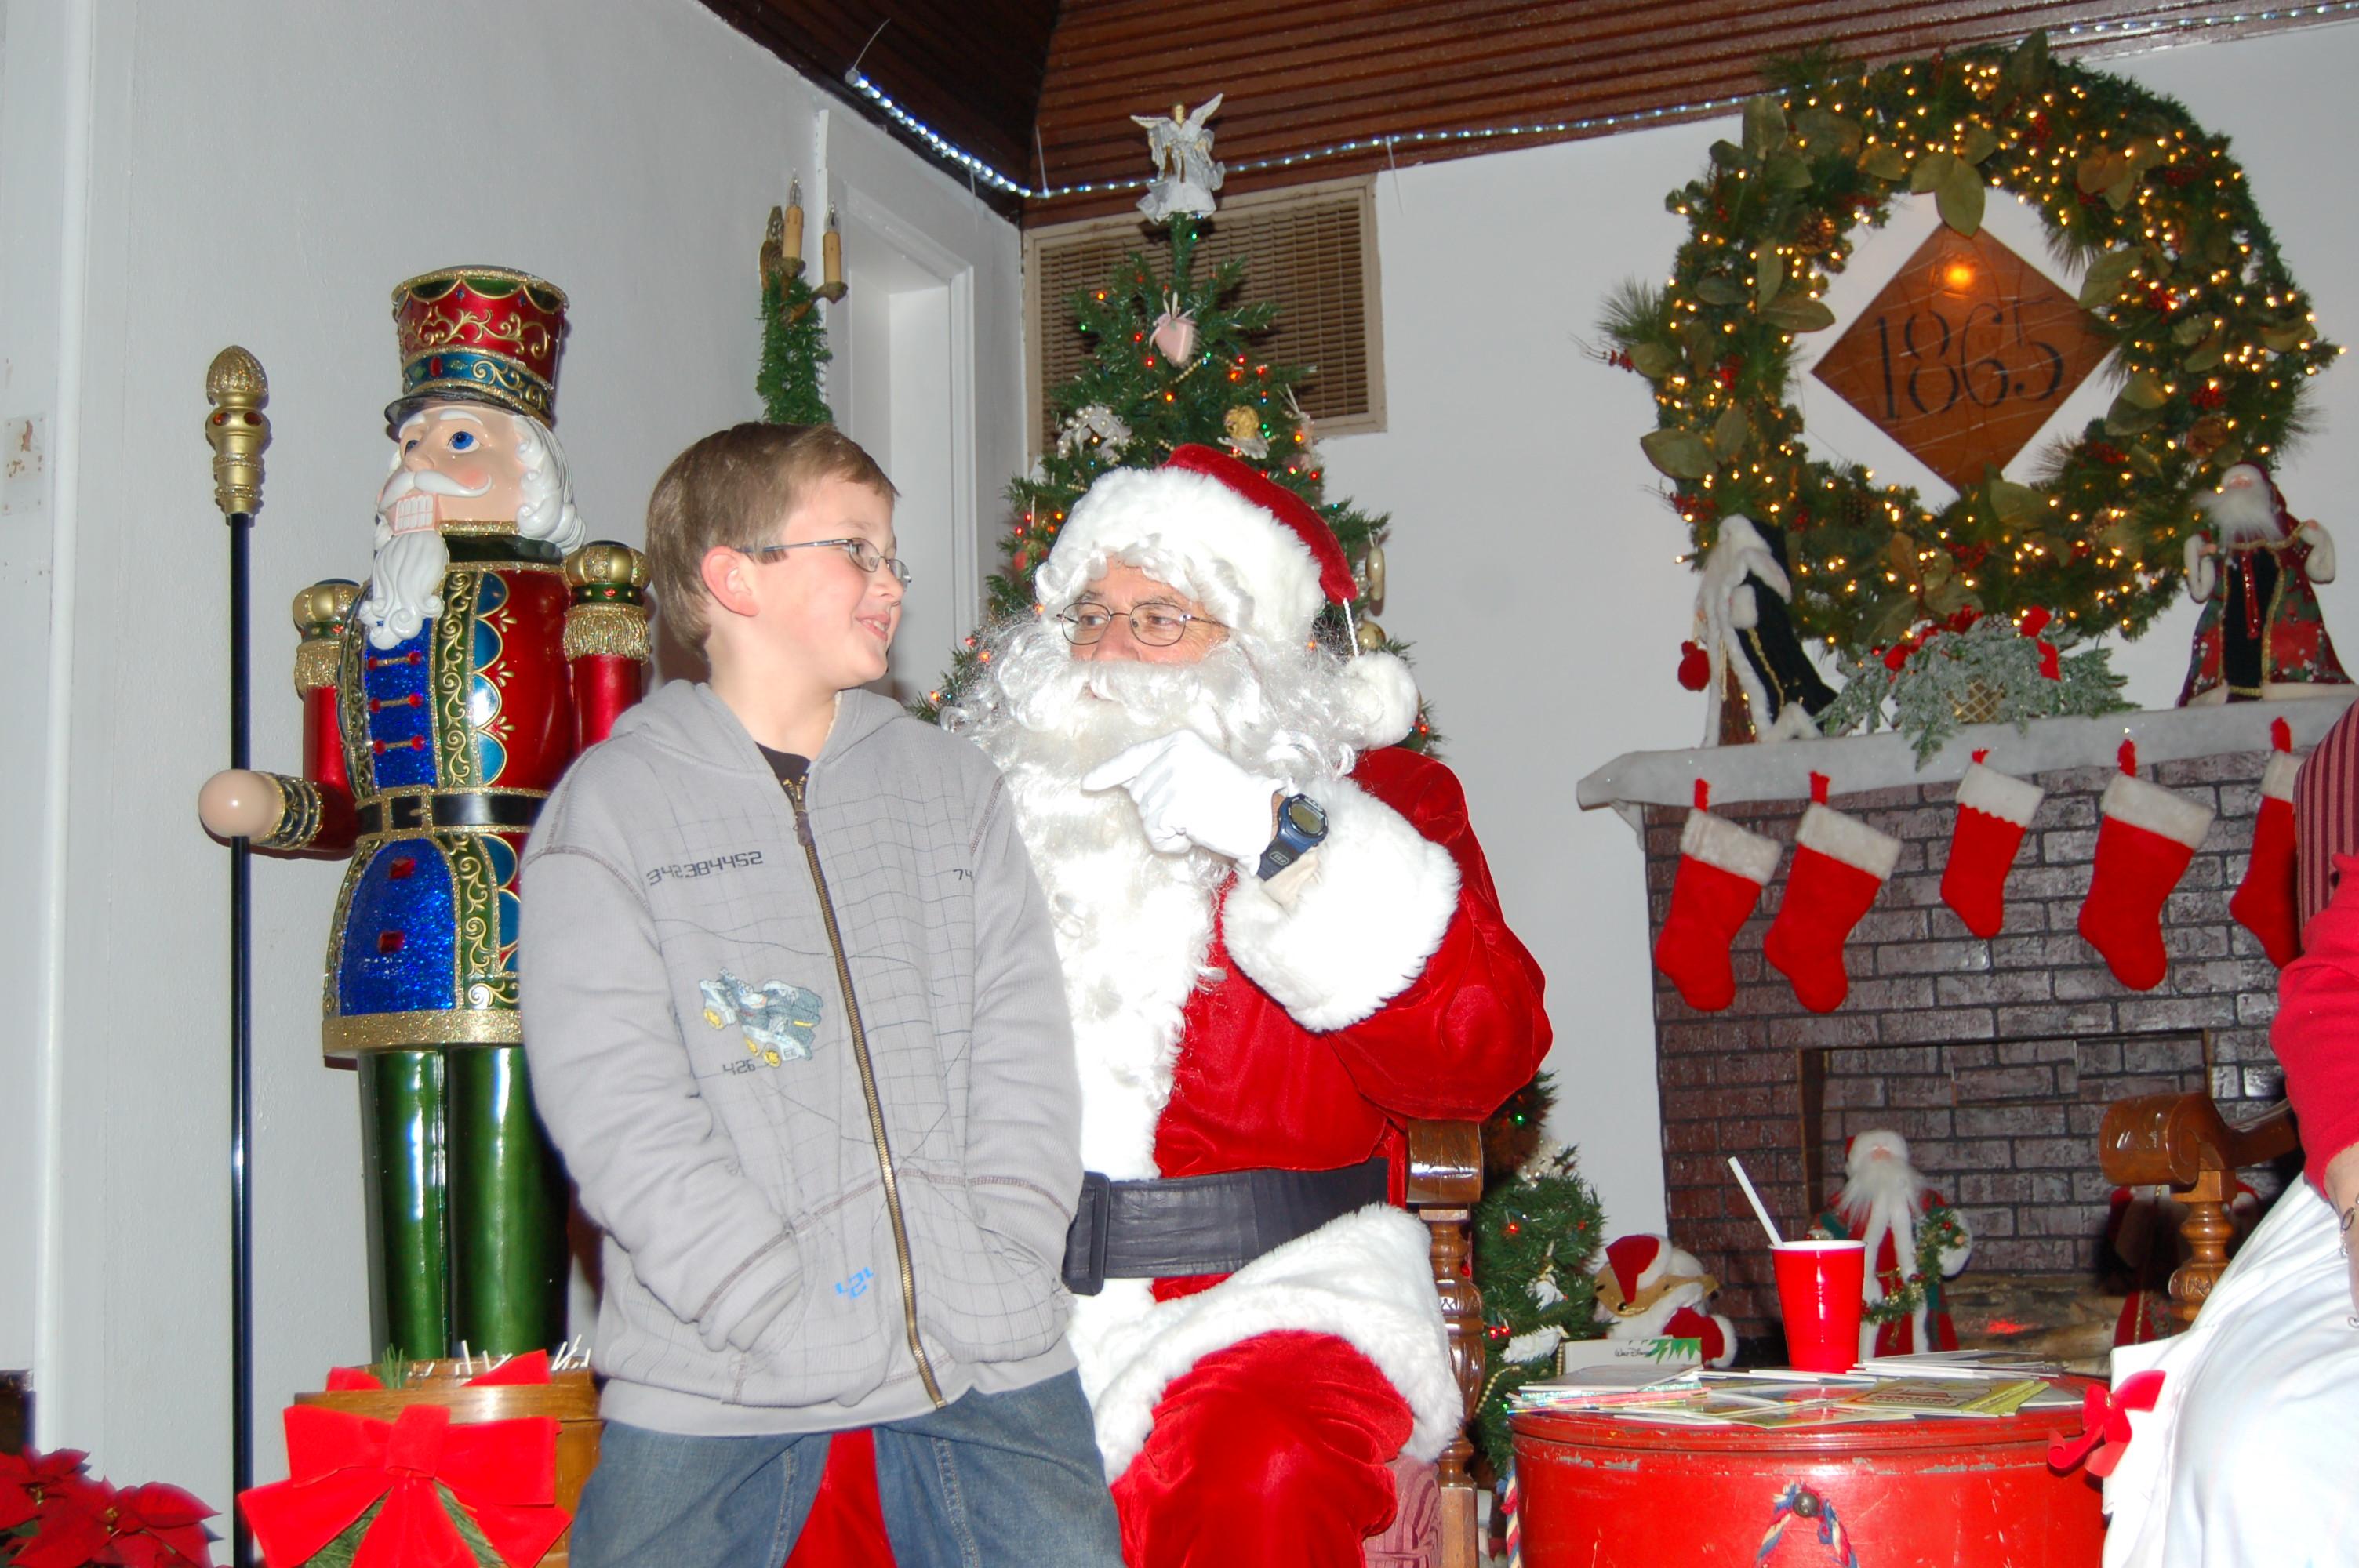 LolliPop+Lane+12-12-2008+Picture+012.jpg